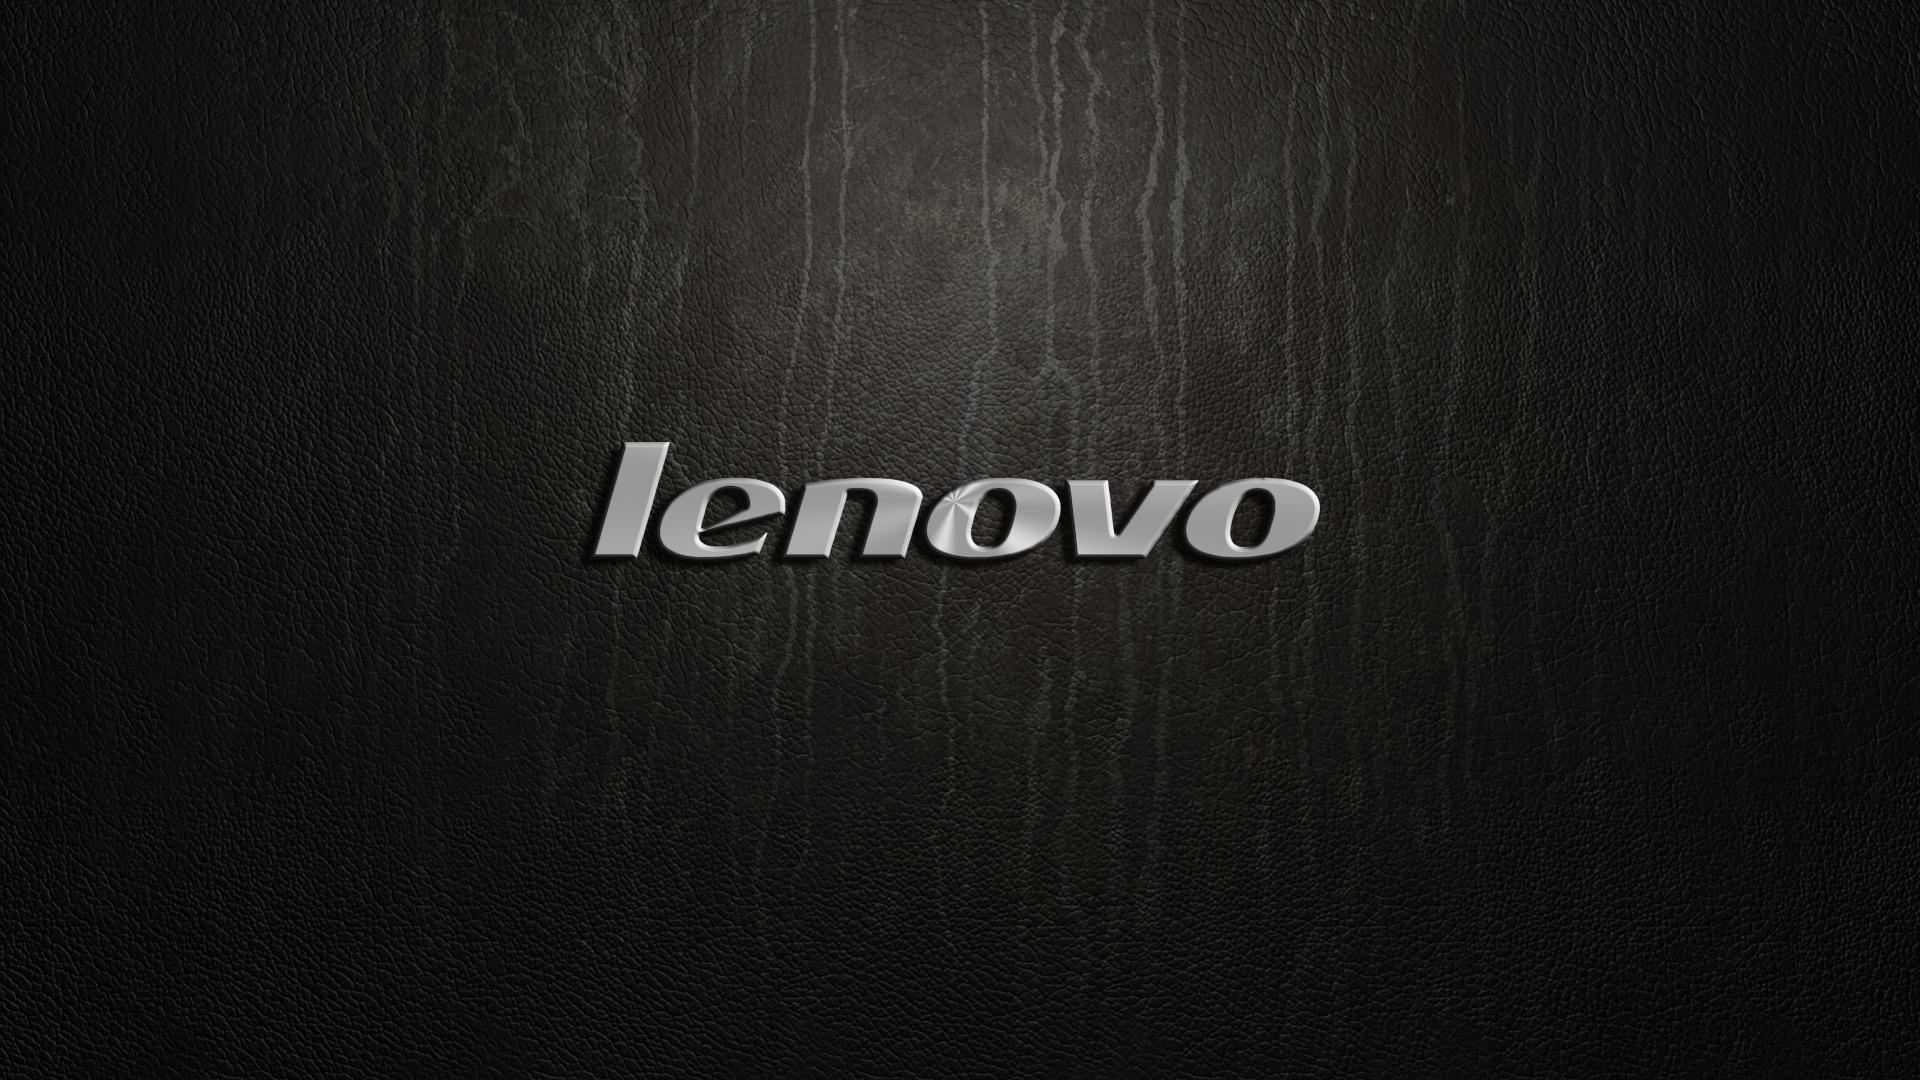 Lenovo Wallpapers Cute: Lenovo Wallpaper 1920X1080